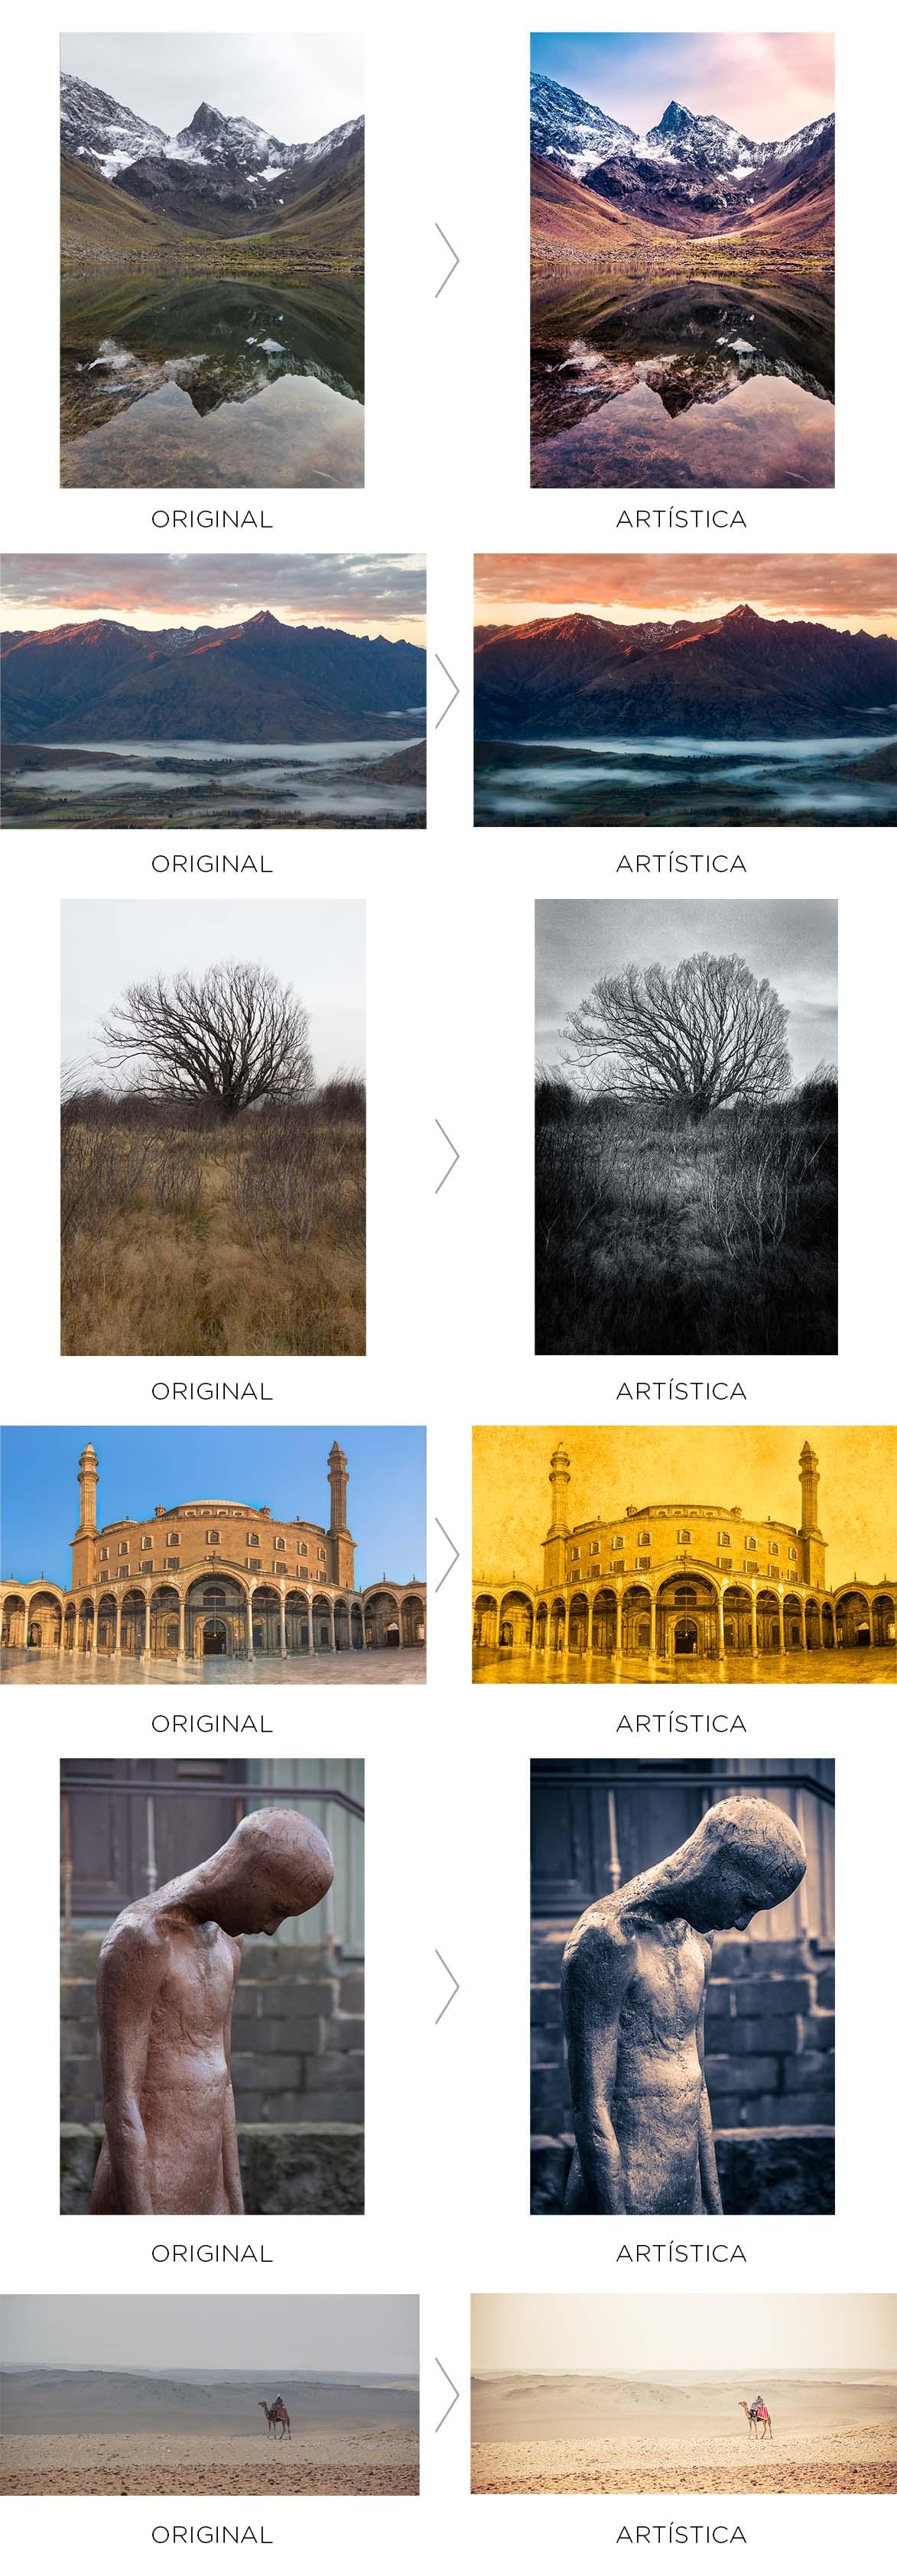 processamentoArtistico-CaraDaFoto_v2